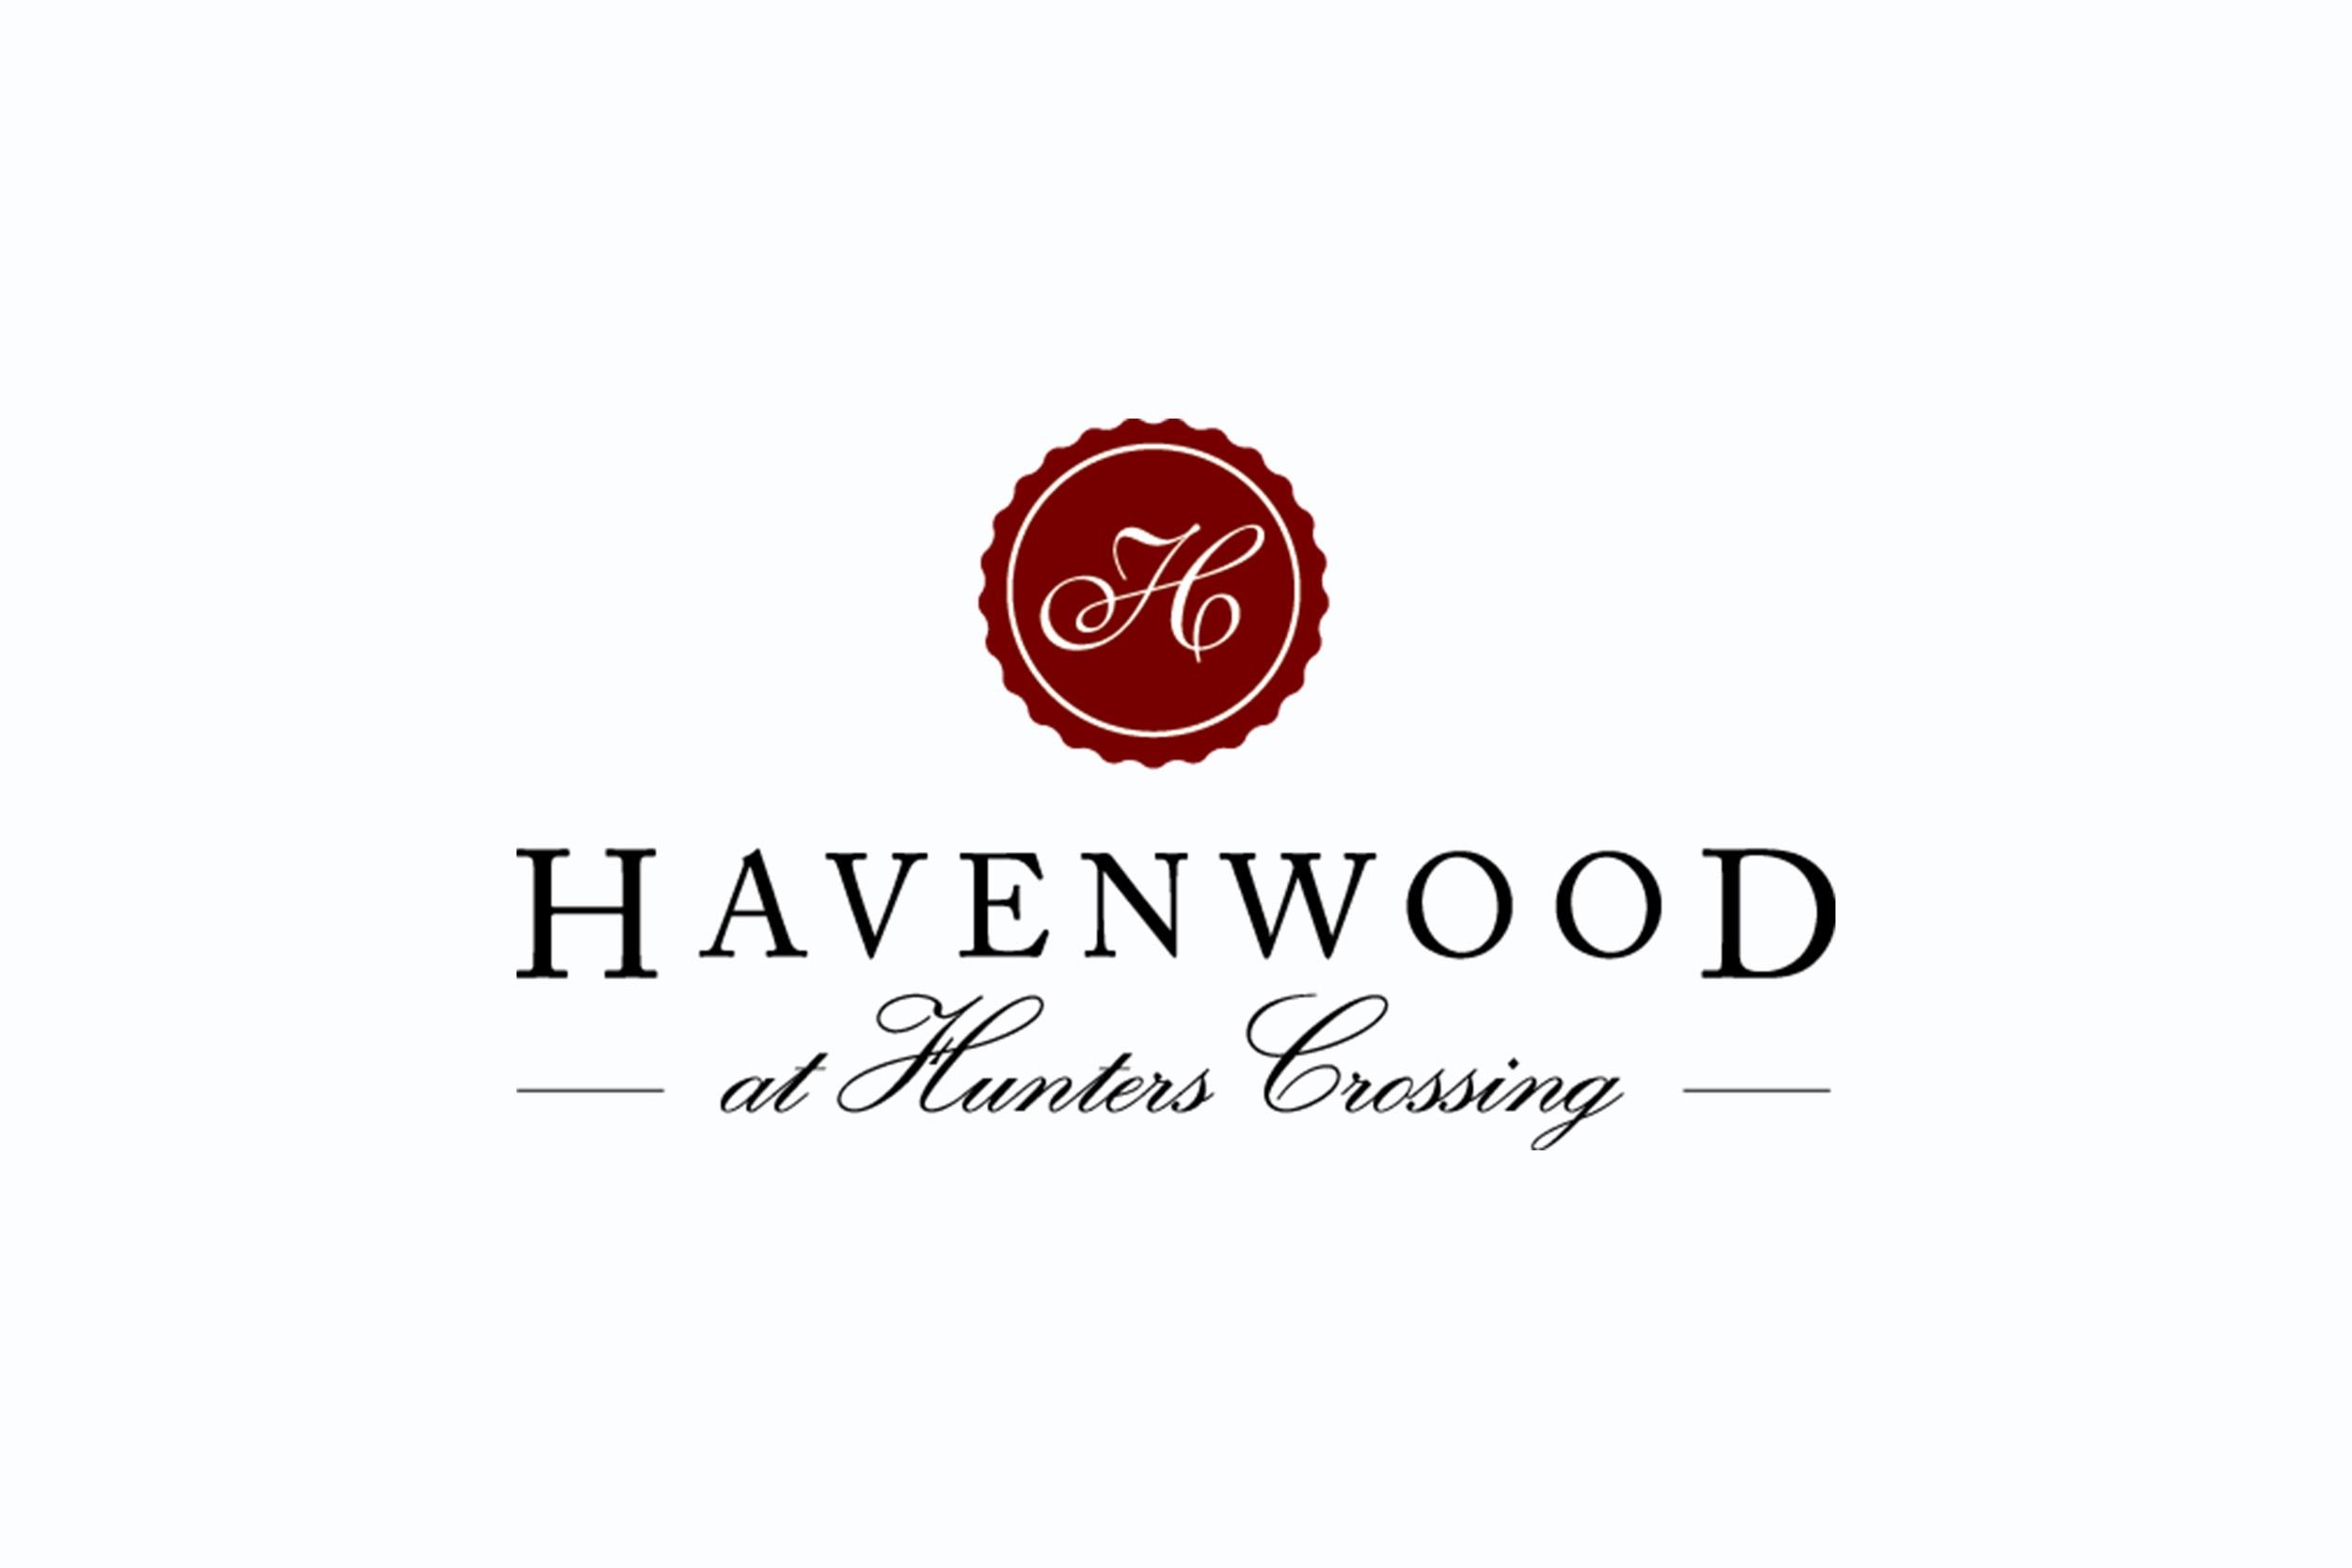 havenwood-tempoary1